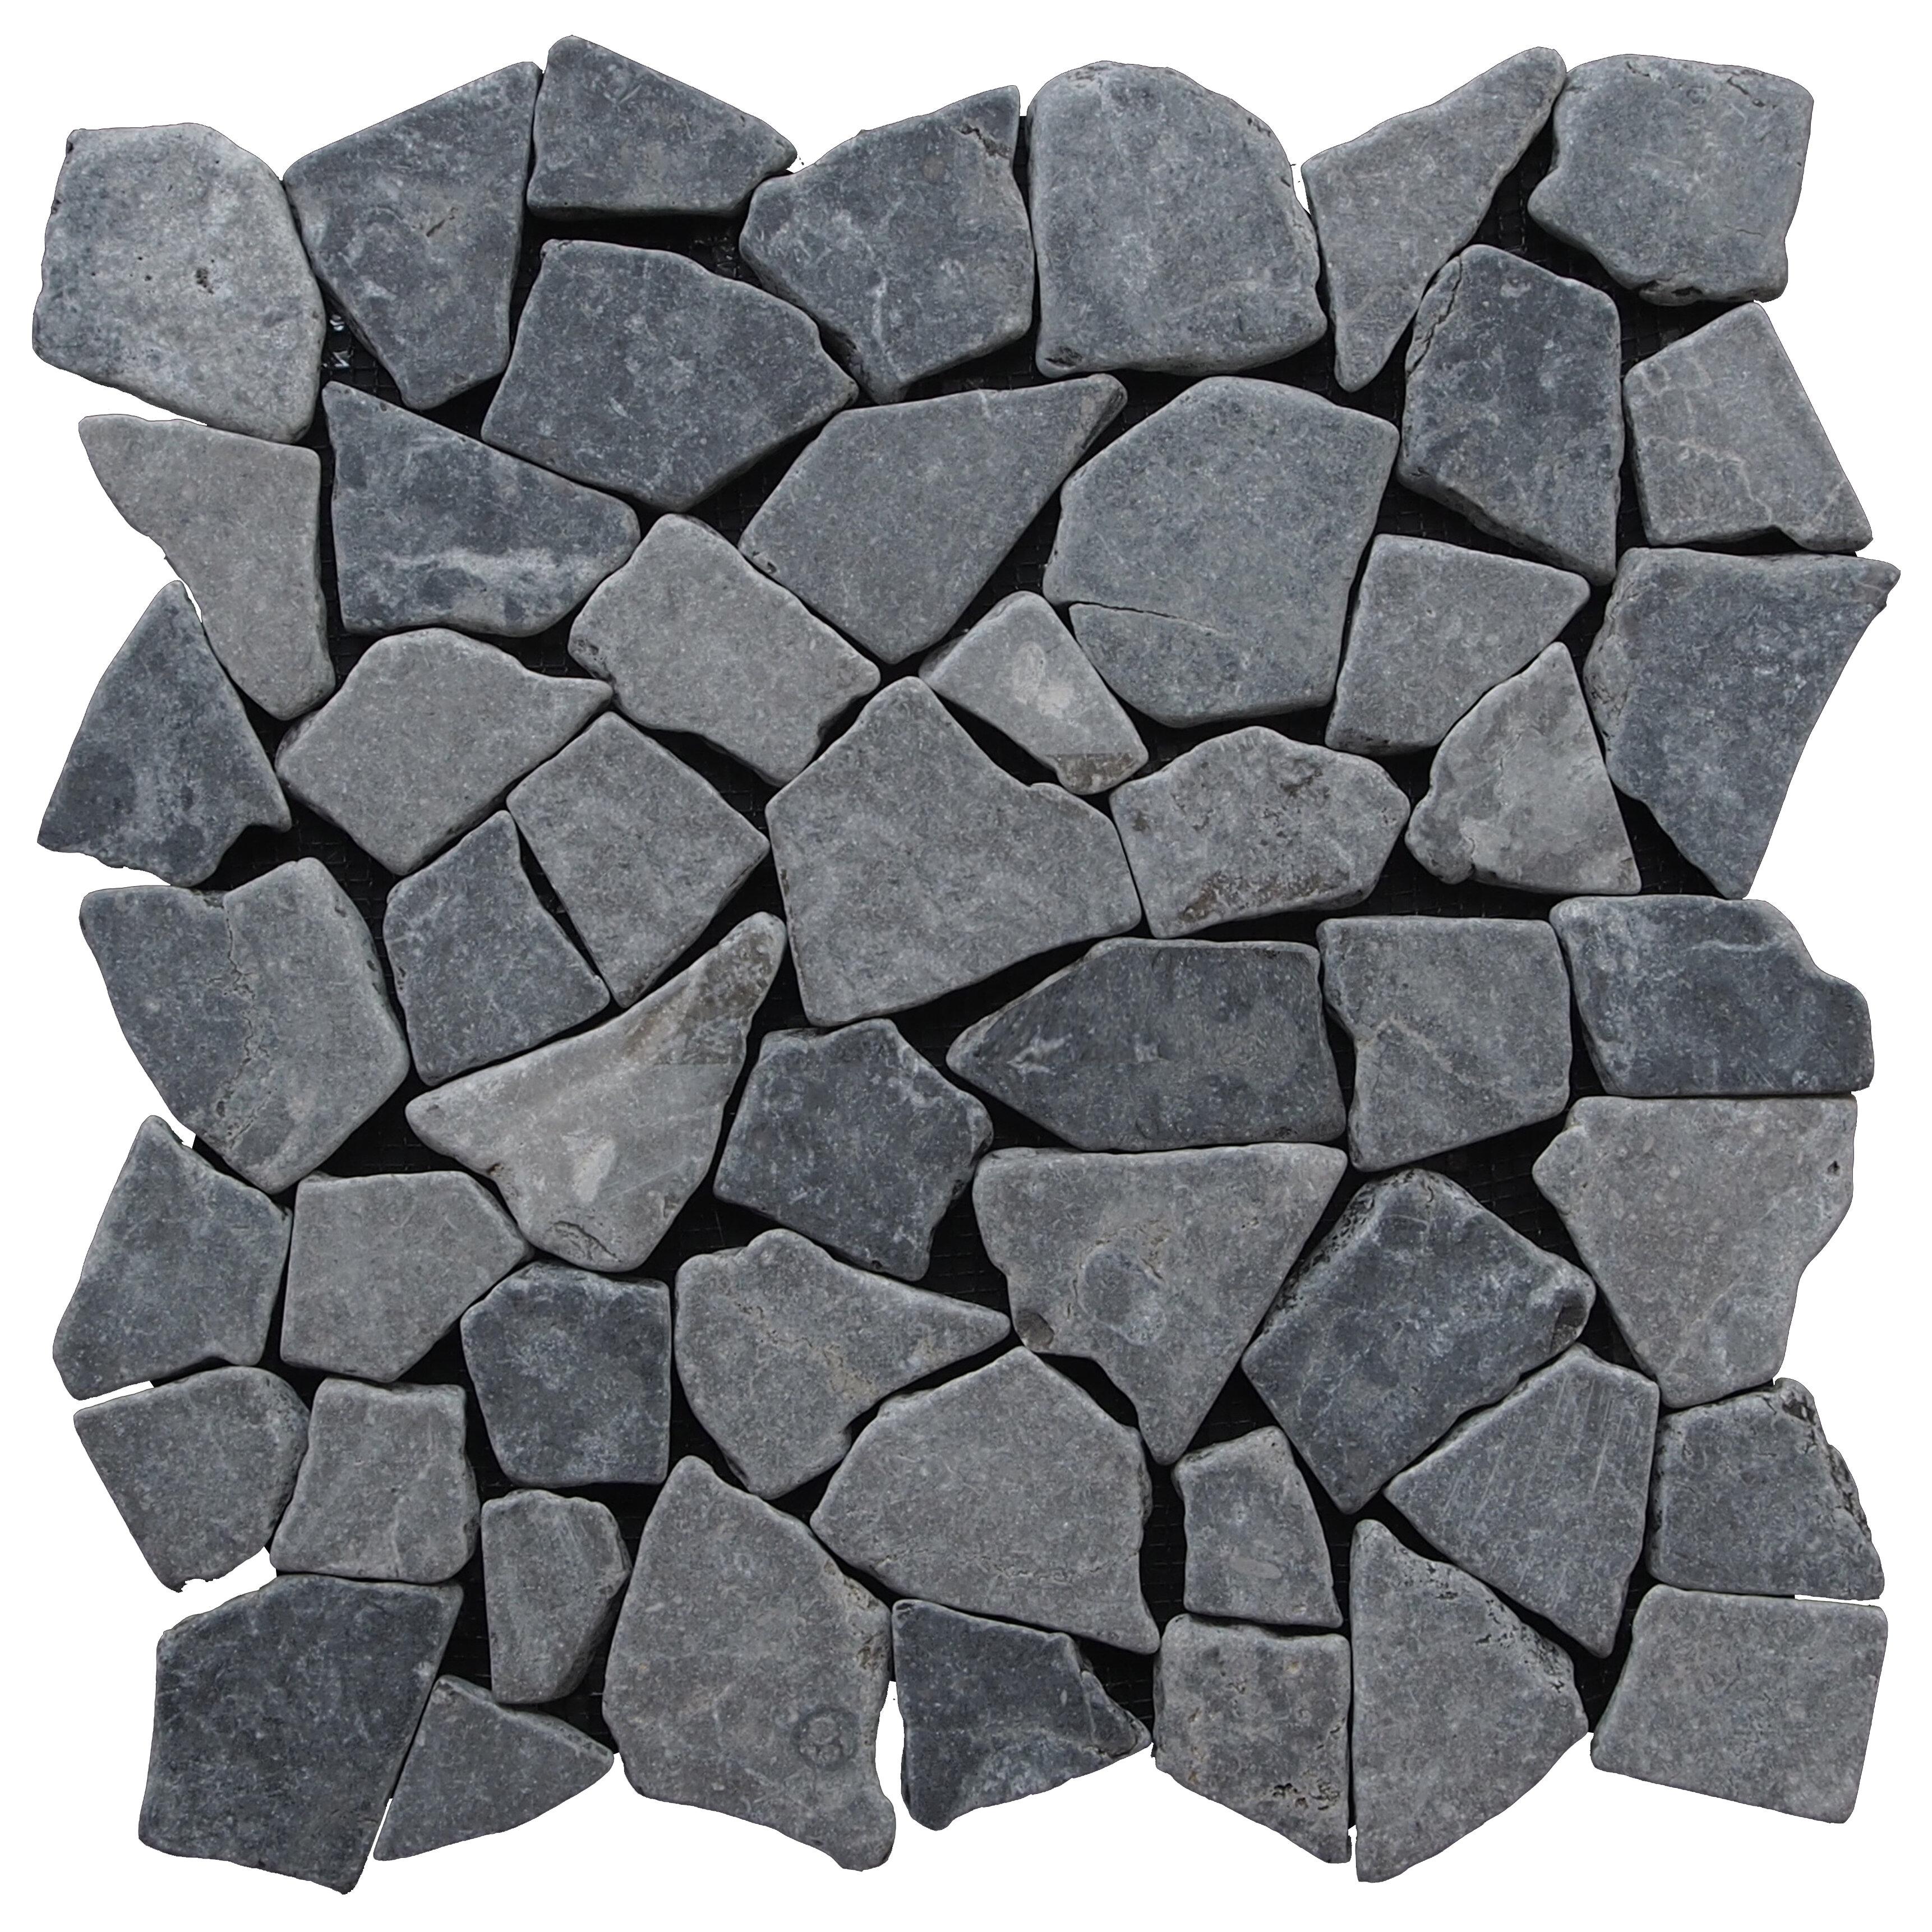 Pebble tile fit random sized natural stone mosaic tile reviews wayfair